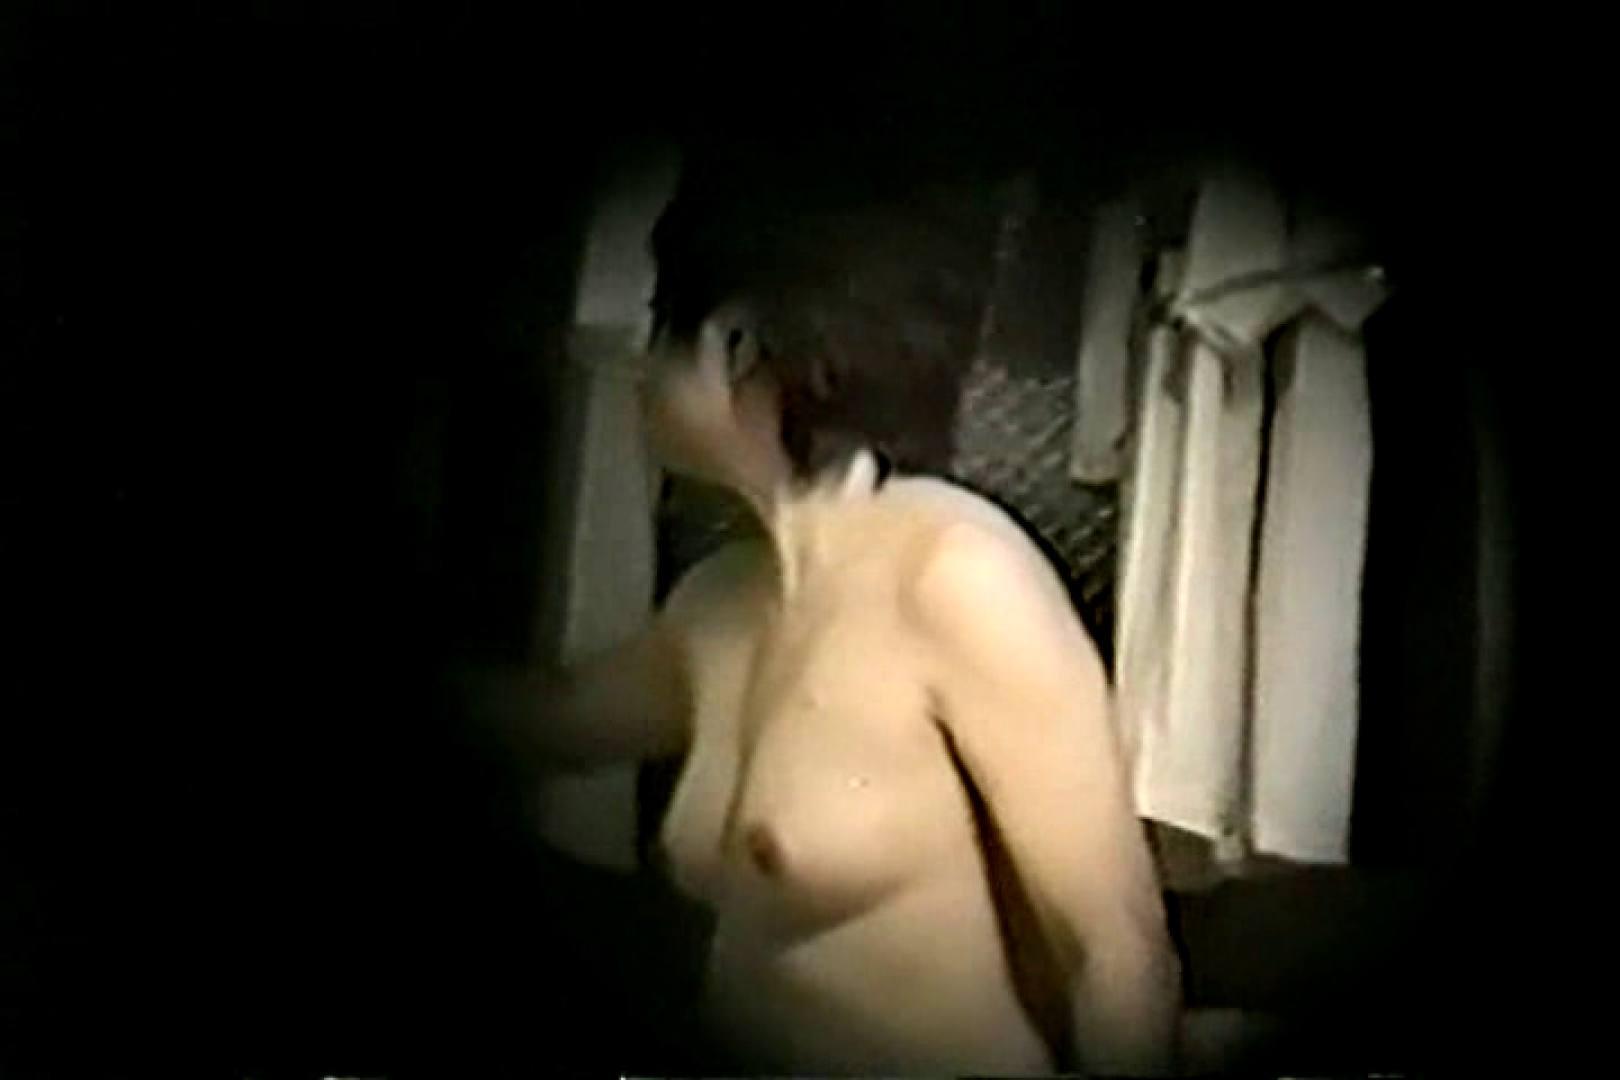 深夜の撮影会Vol.6 オナニー オメコ動画キャプチャ 102連発 67